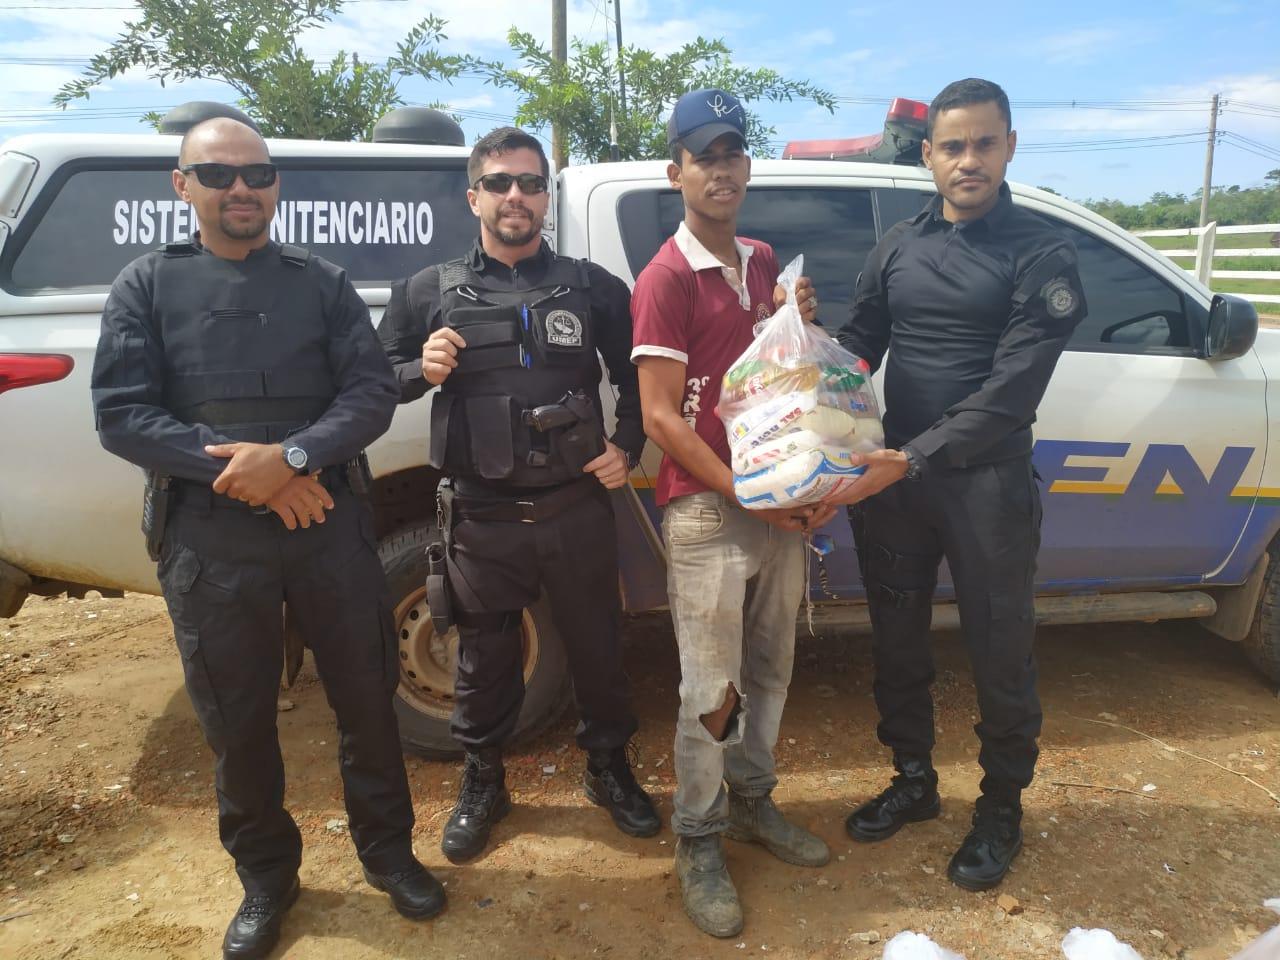 Unidade de Monitoramento Eletrônico do Iapen distribui cestas básicas a comunidades carentes